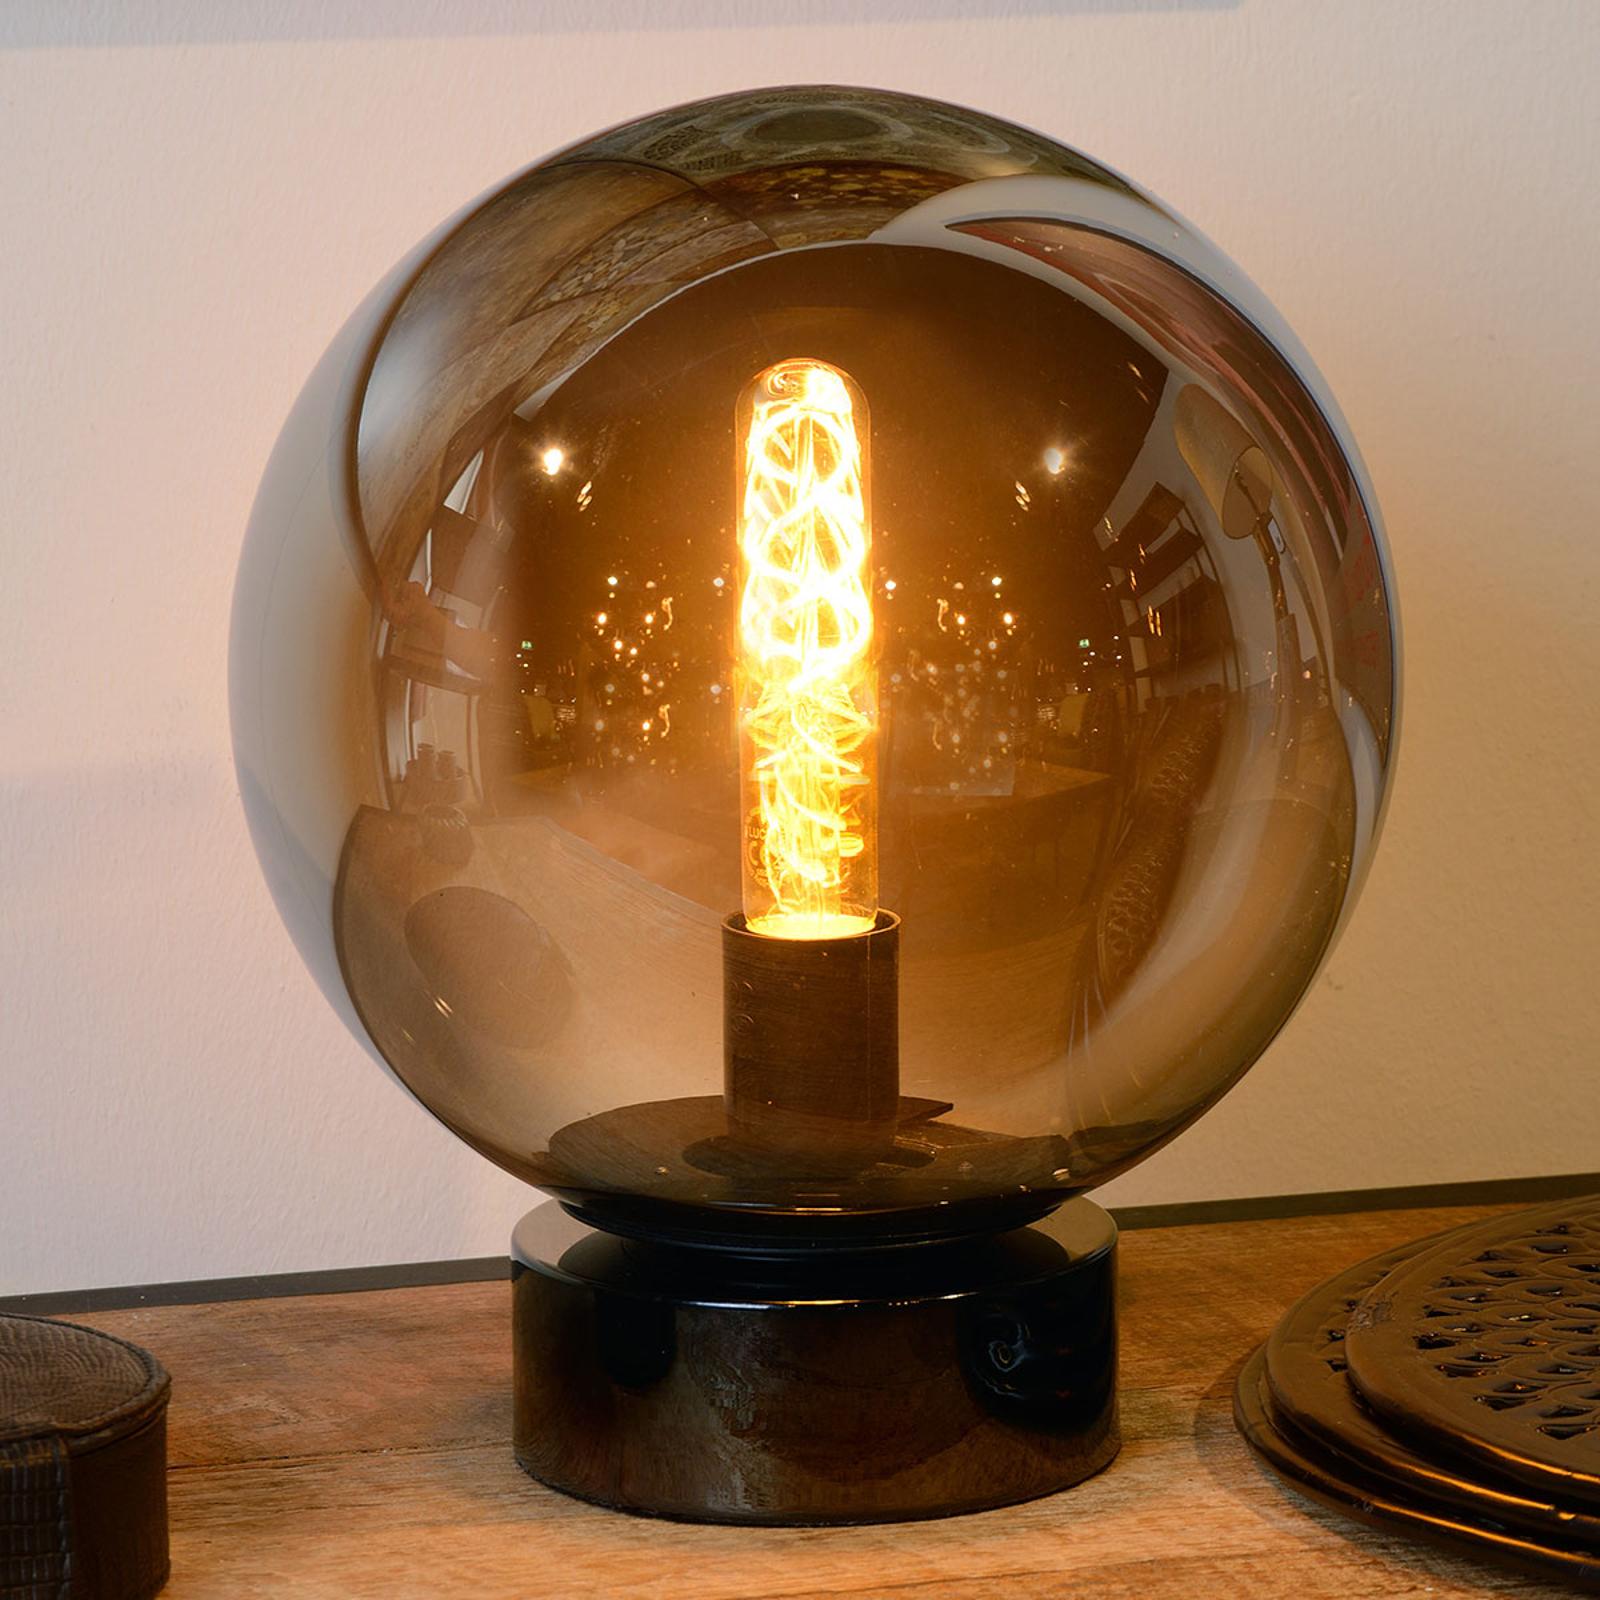 Lampe à poser en verre Jorit sphérique, 25 cm